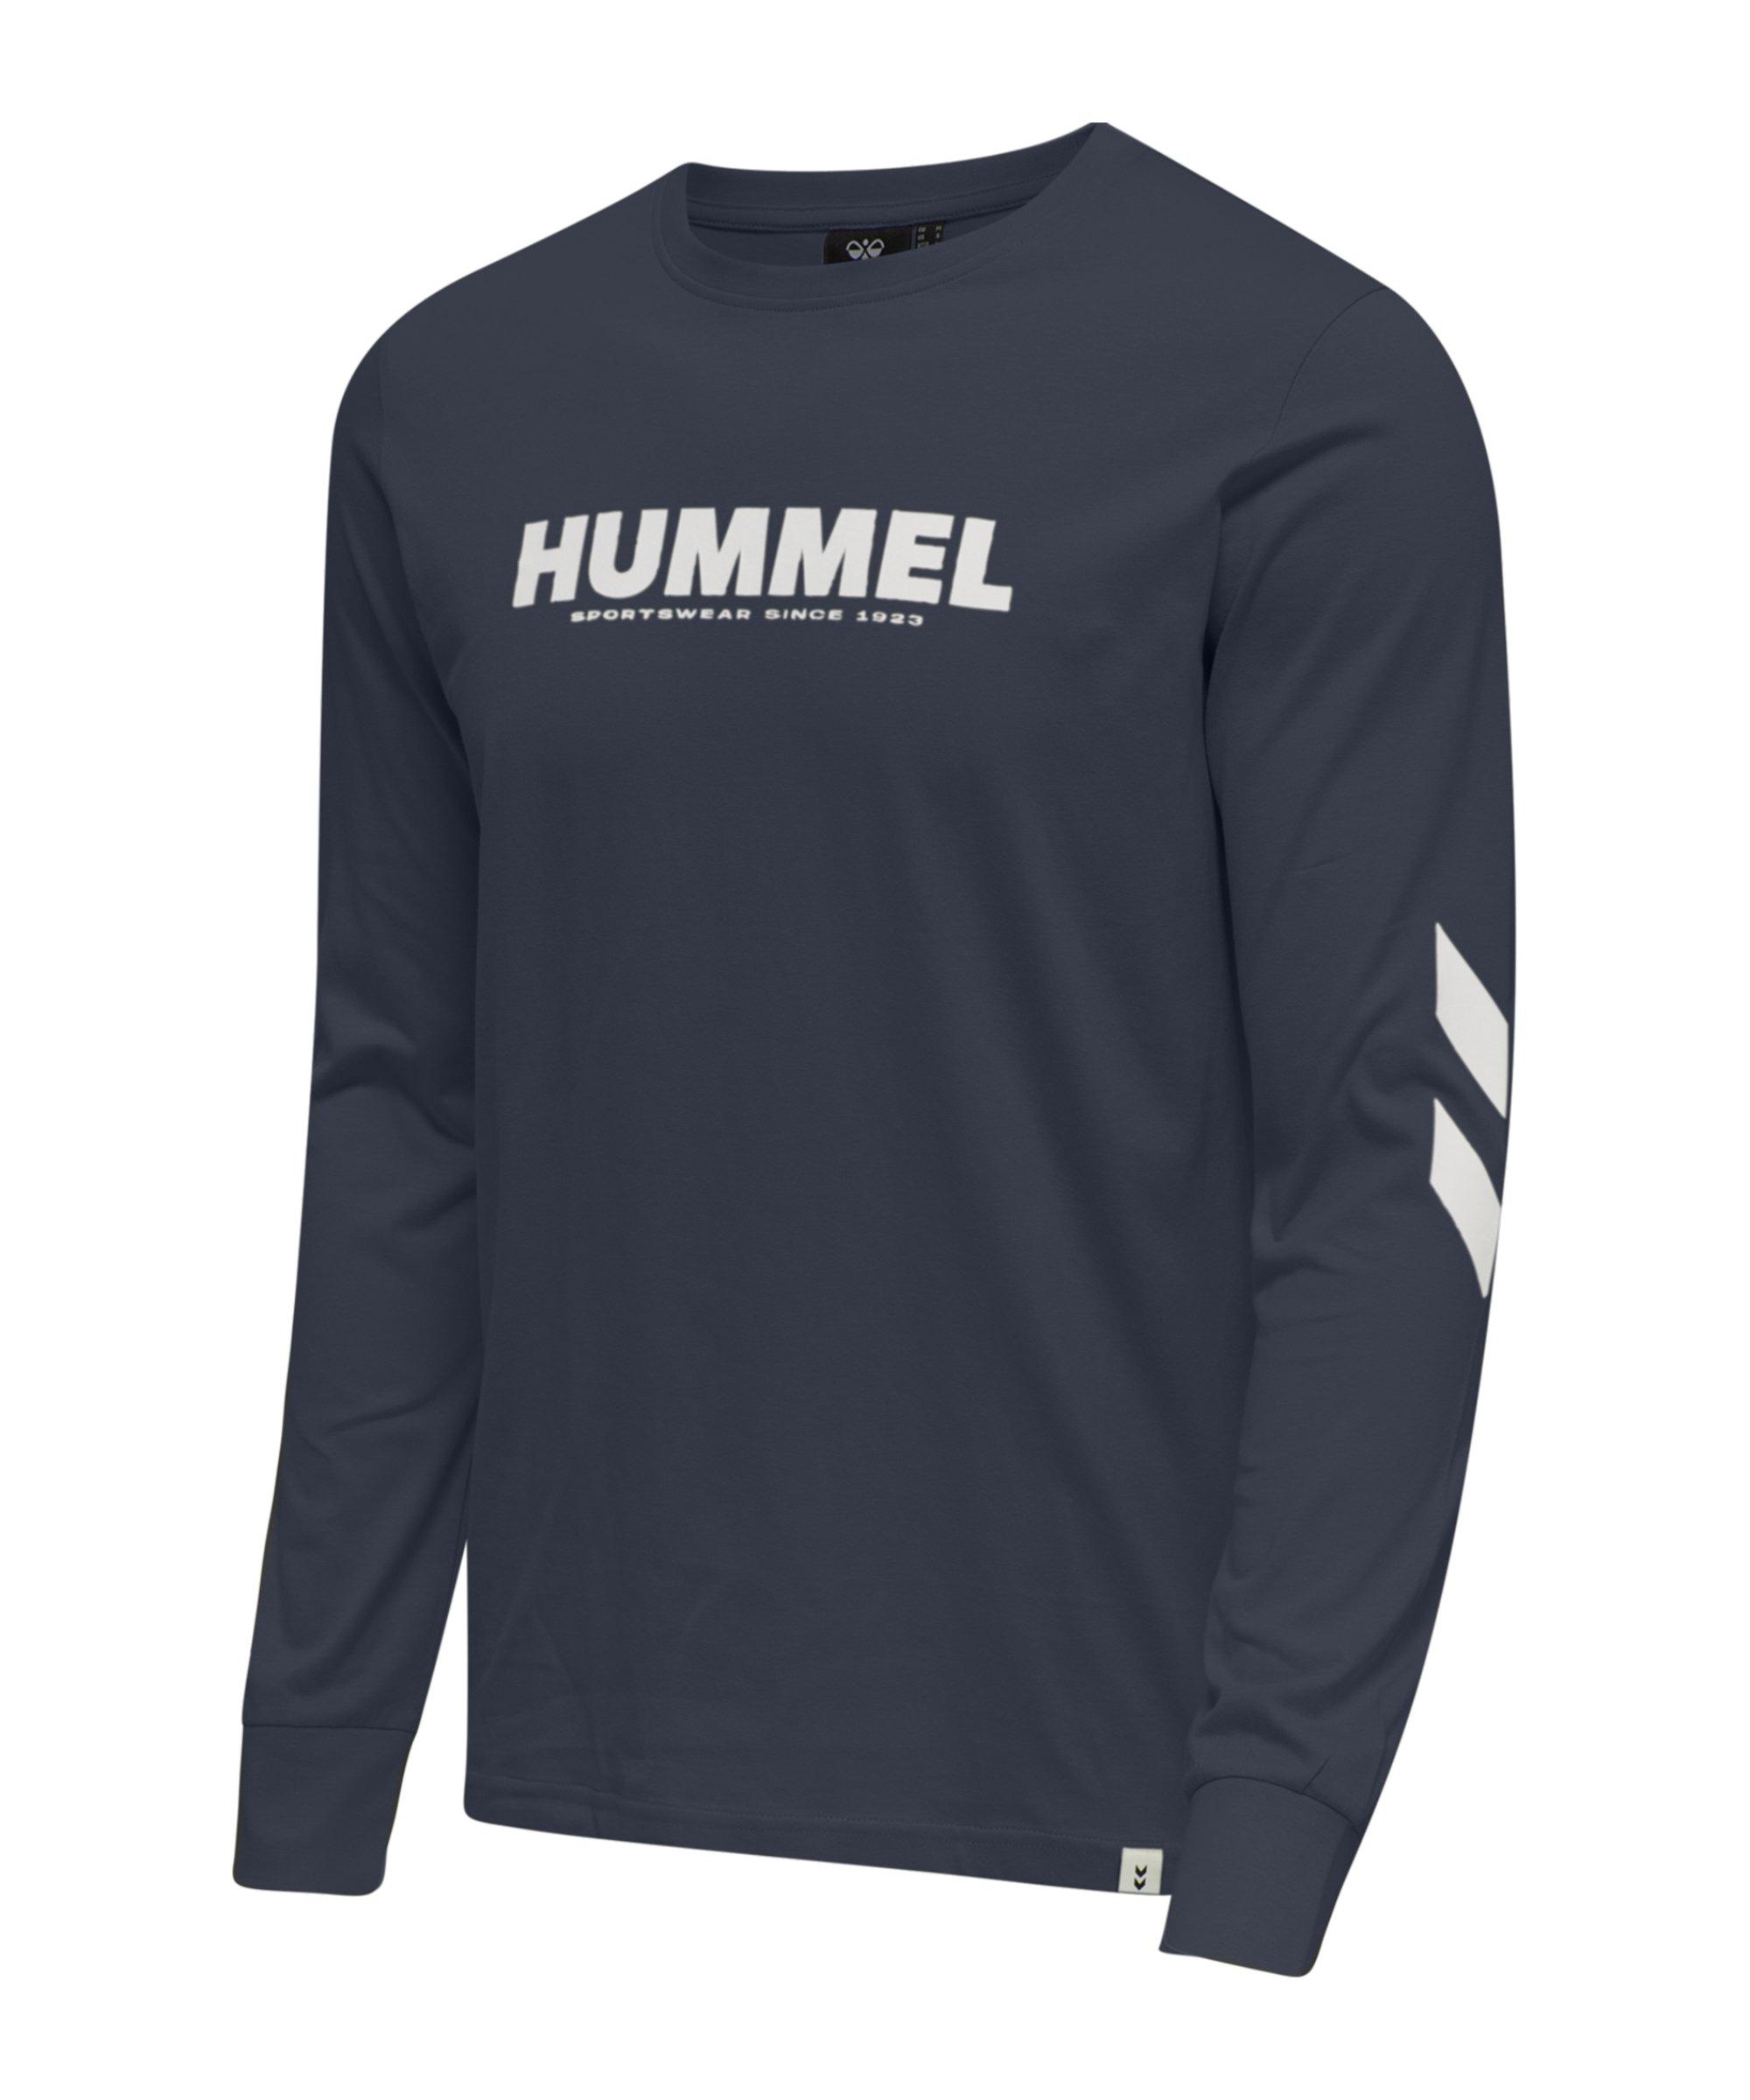 Hummel Legacy Sweatshirt Blau F7429 - blau